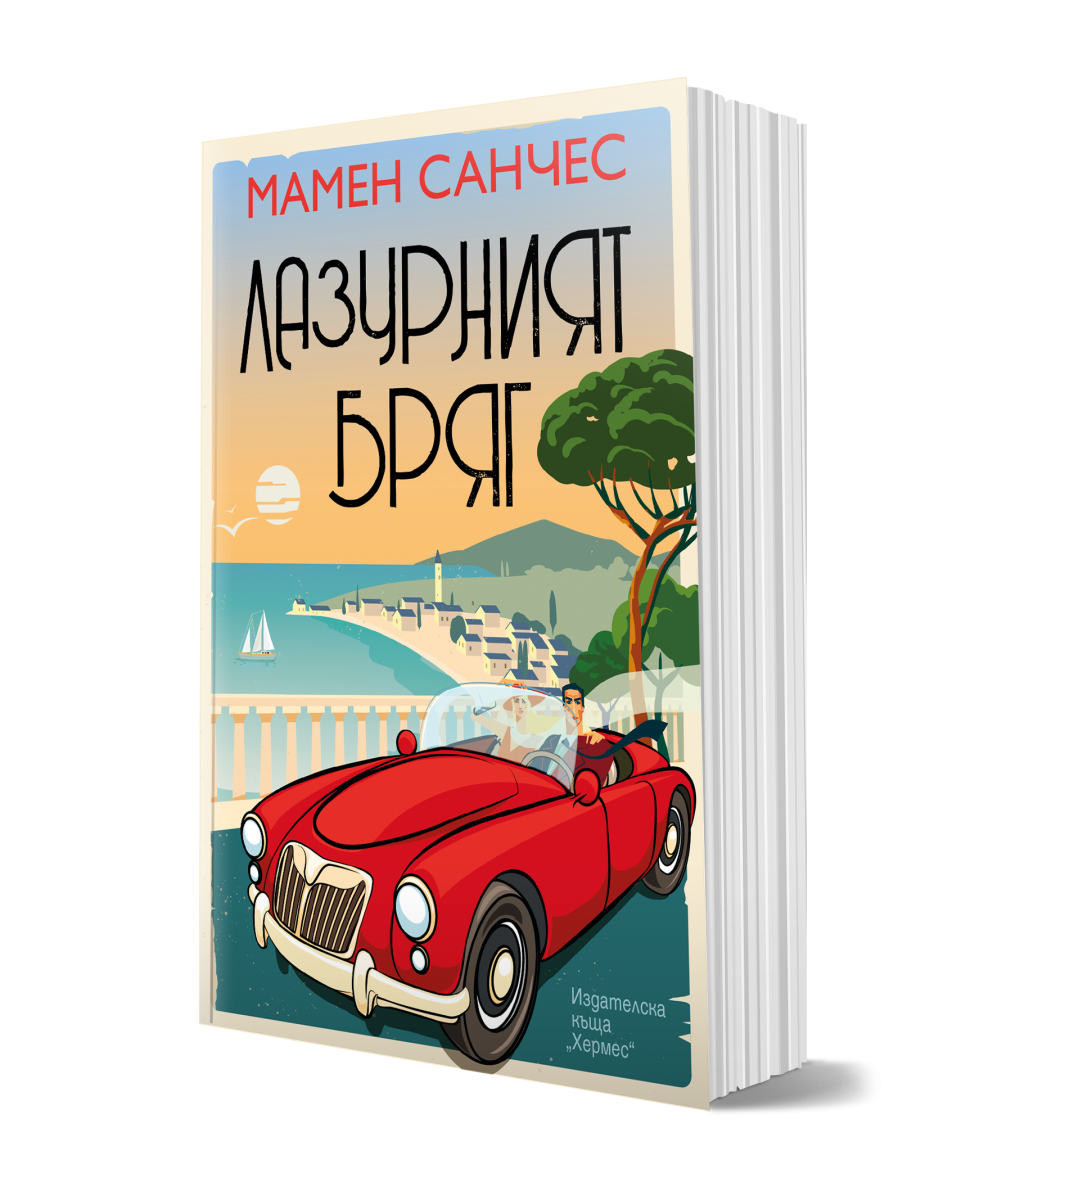 Лазурният бряг, роман от Мамен Санчес